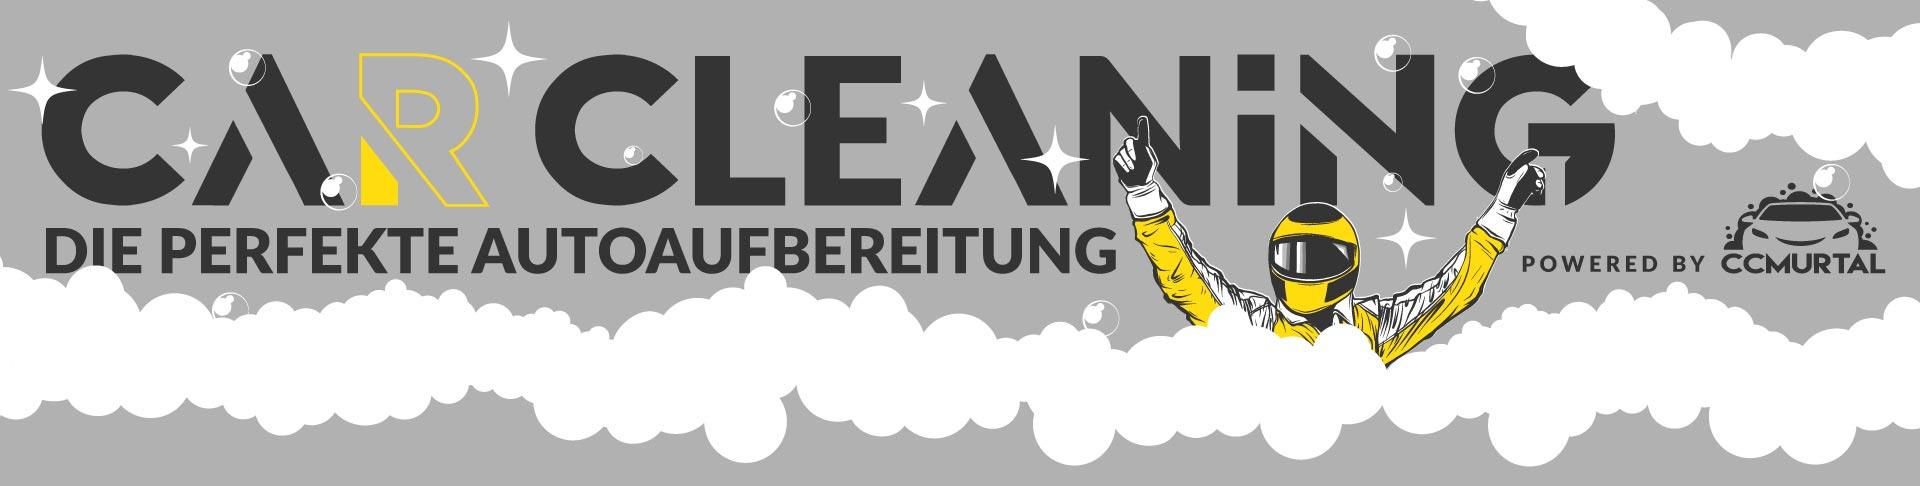 Car-Cleaning, ringrast, ring, rast, spielberg, red bull ring, Waschstraße, Autoaufbereitung, außenreinigun, Innenreinigung